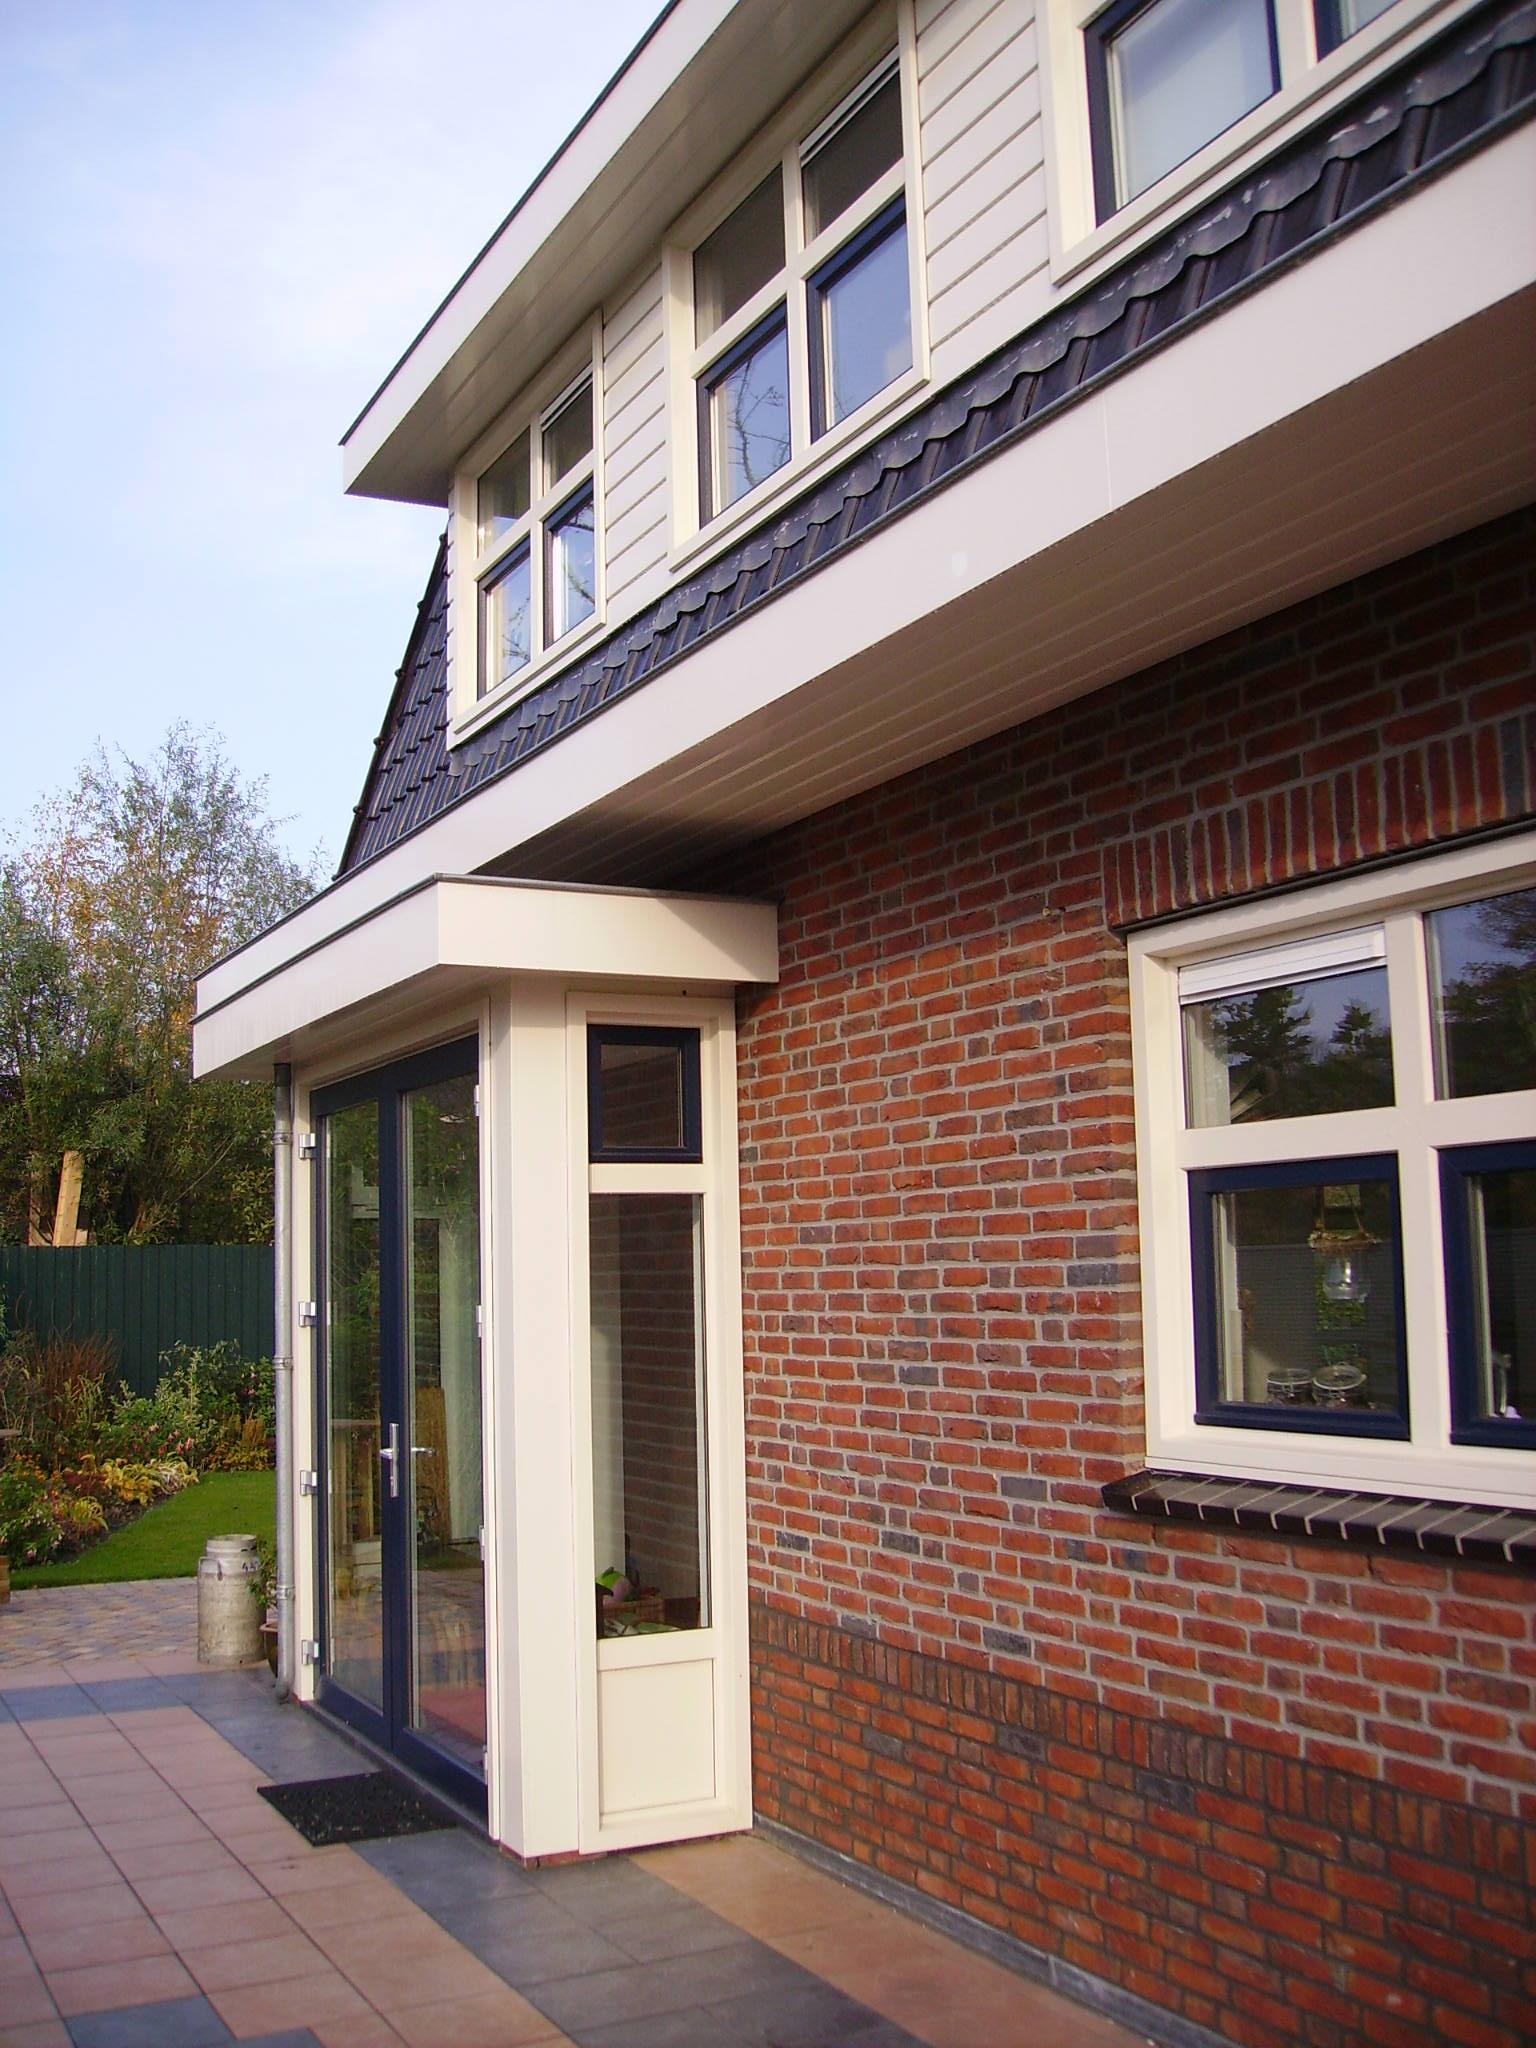 https://www.kroombv.nl/wp-content/uploads/2017/05/villa_nieuwbouw_aannemer_groot_amsterdam_kroom_2.jpeg